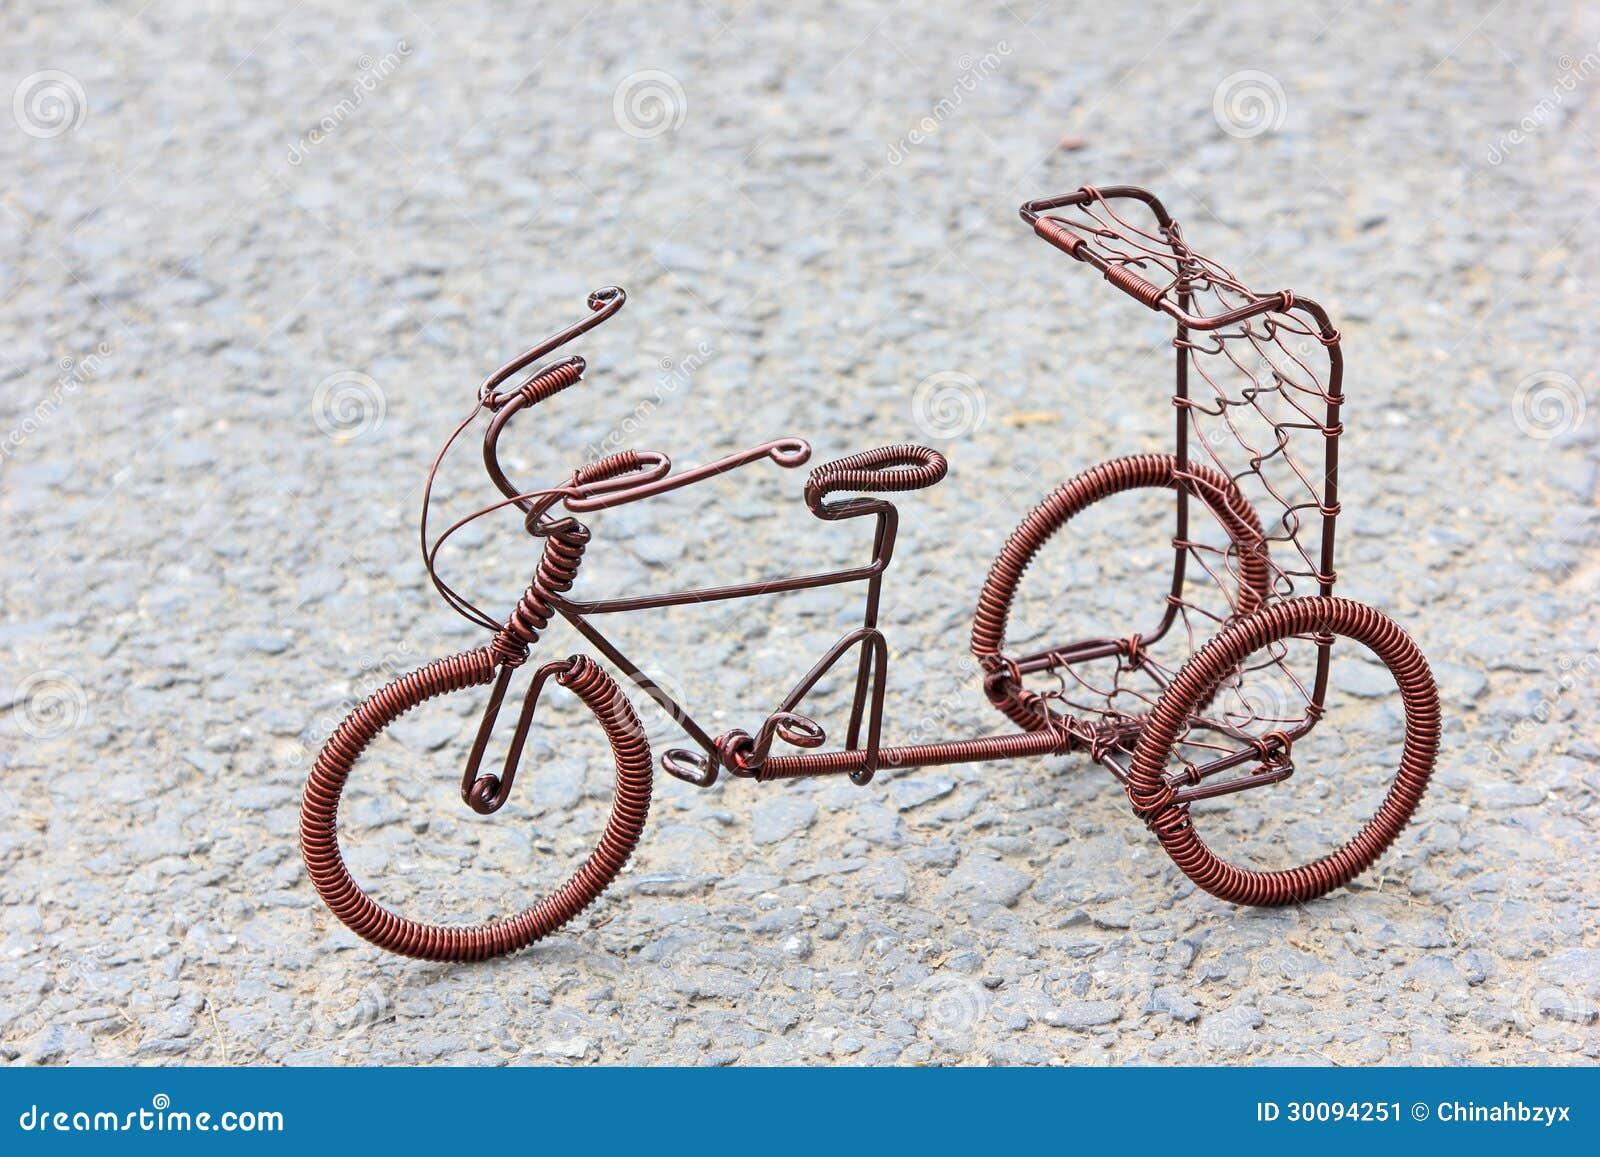 Велосипед из проволоки поделка инструкция